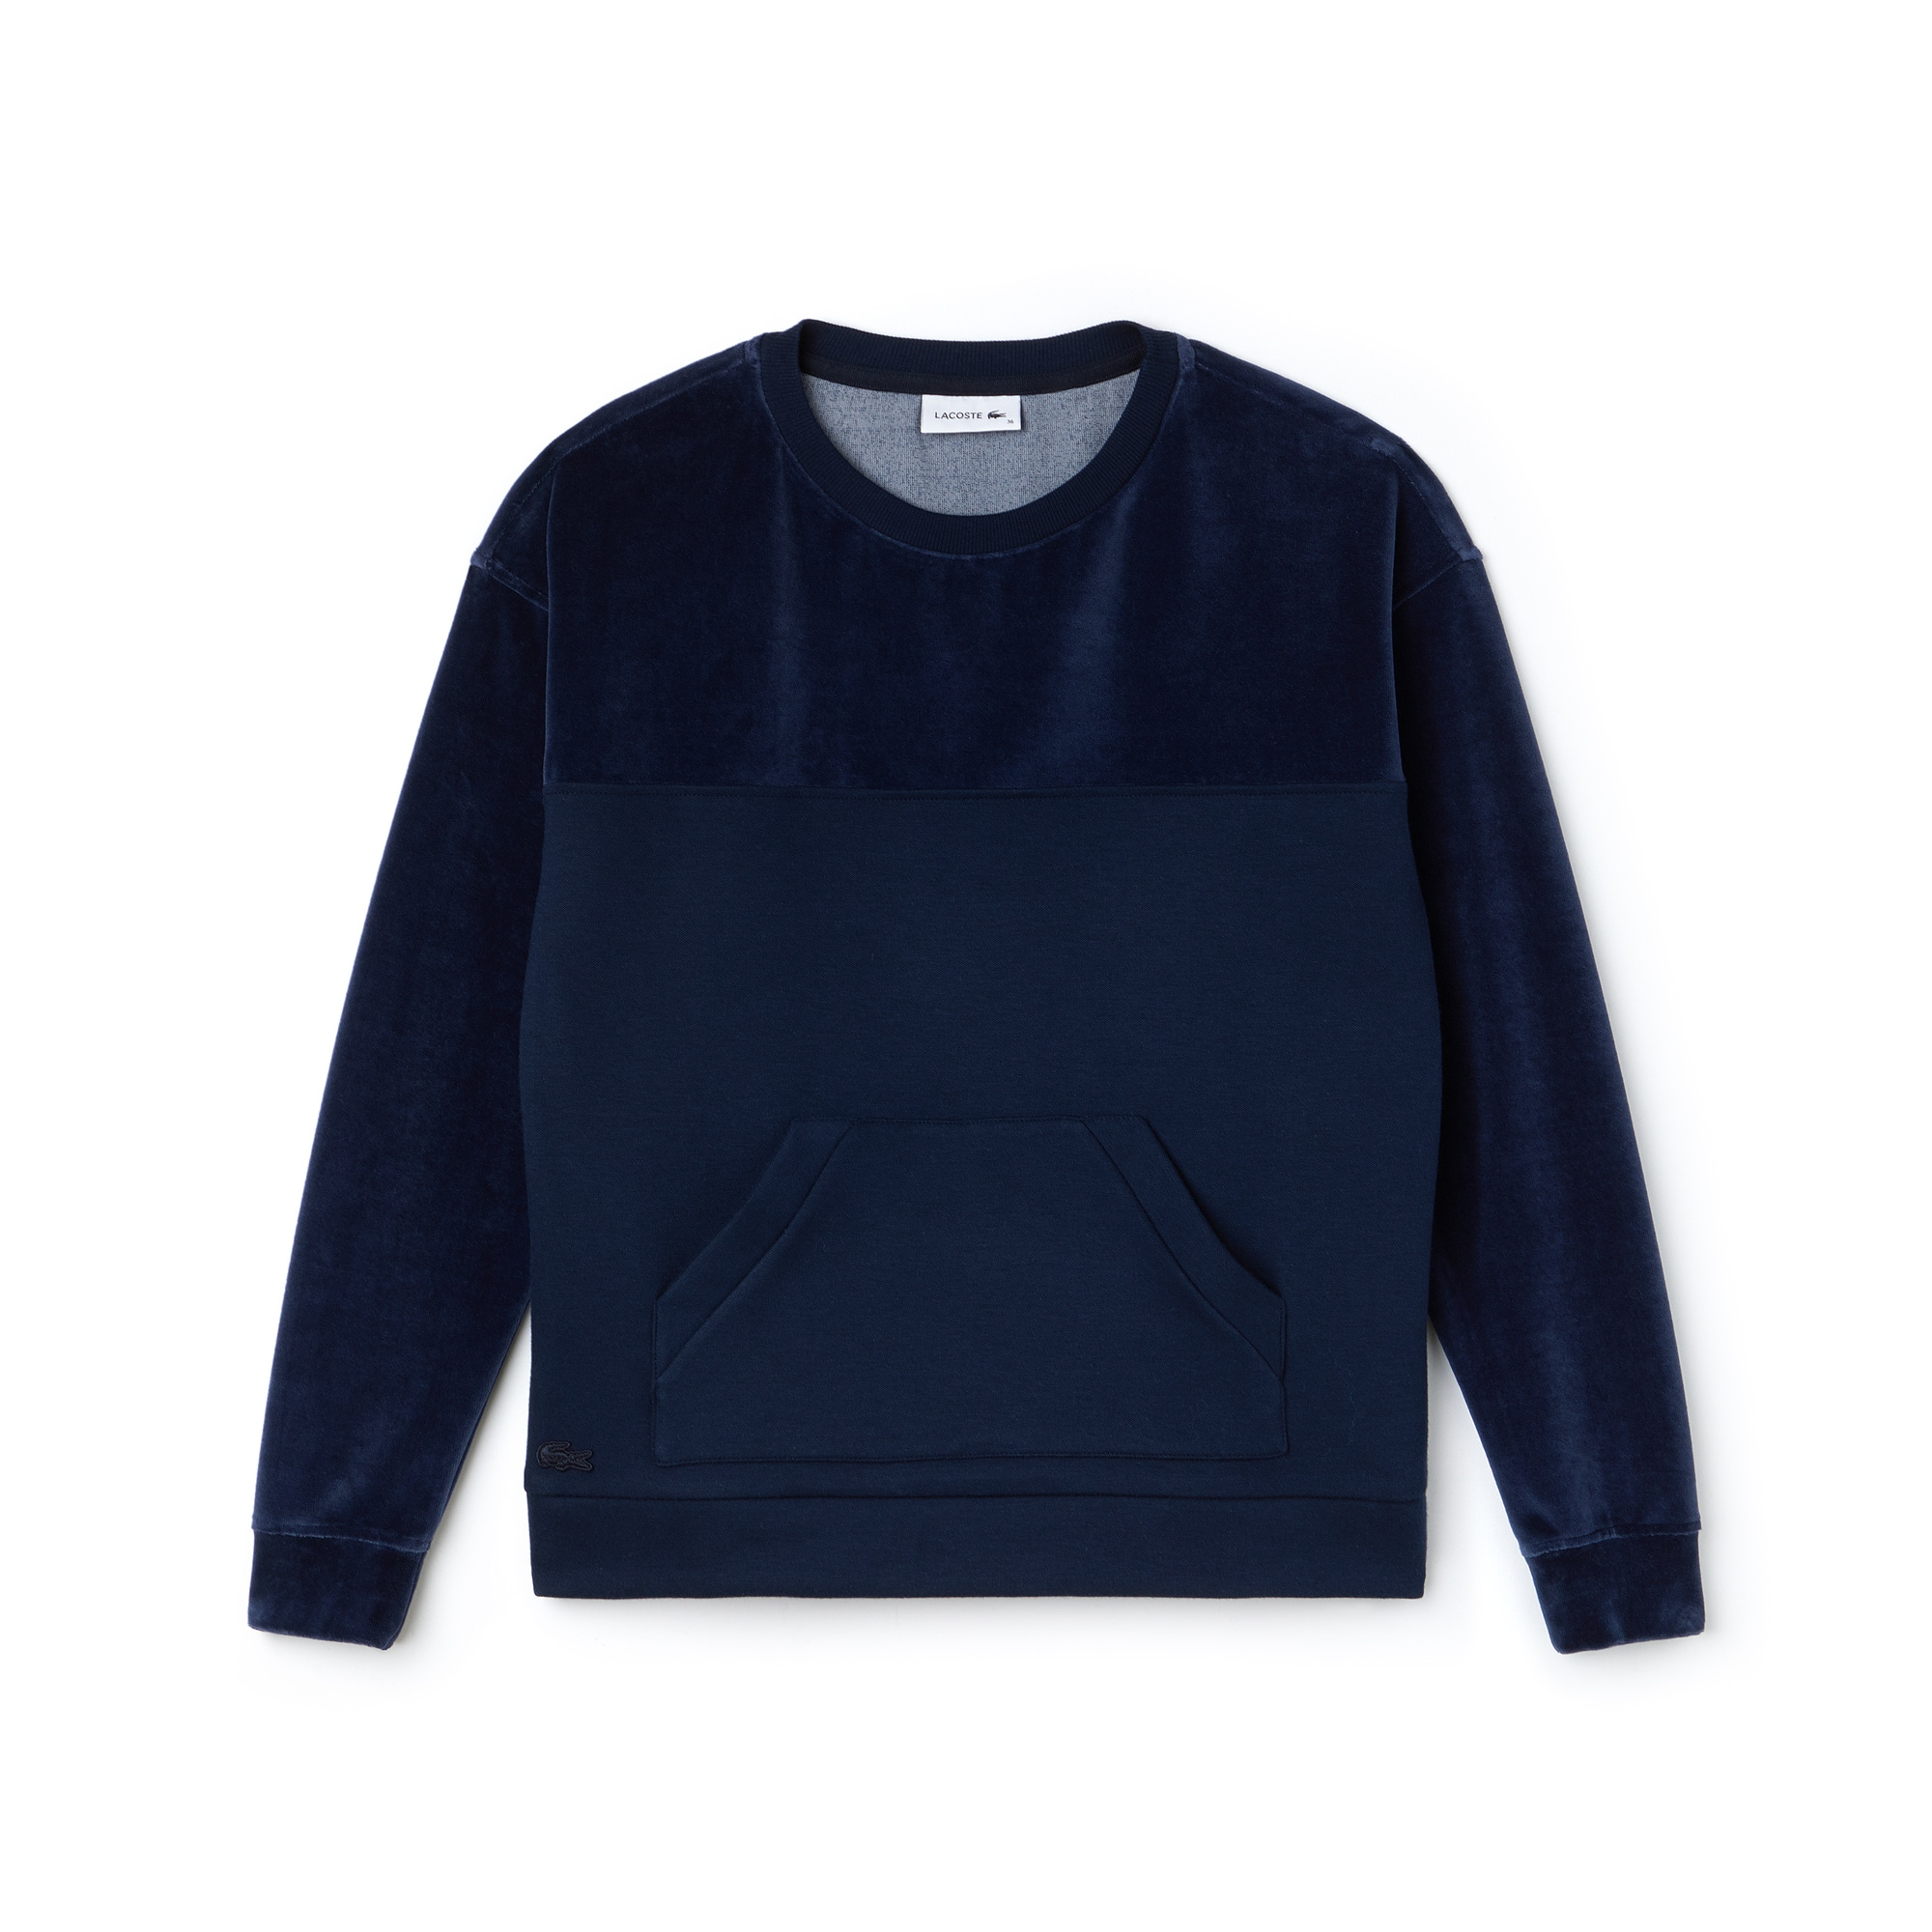 라코스테 Lacoste Womens Crew Neck Jersey And Velour Sweatshirt,navy blue